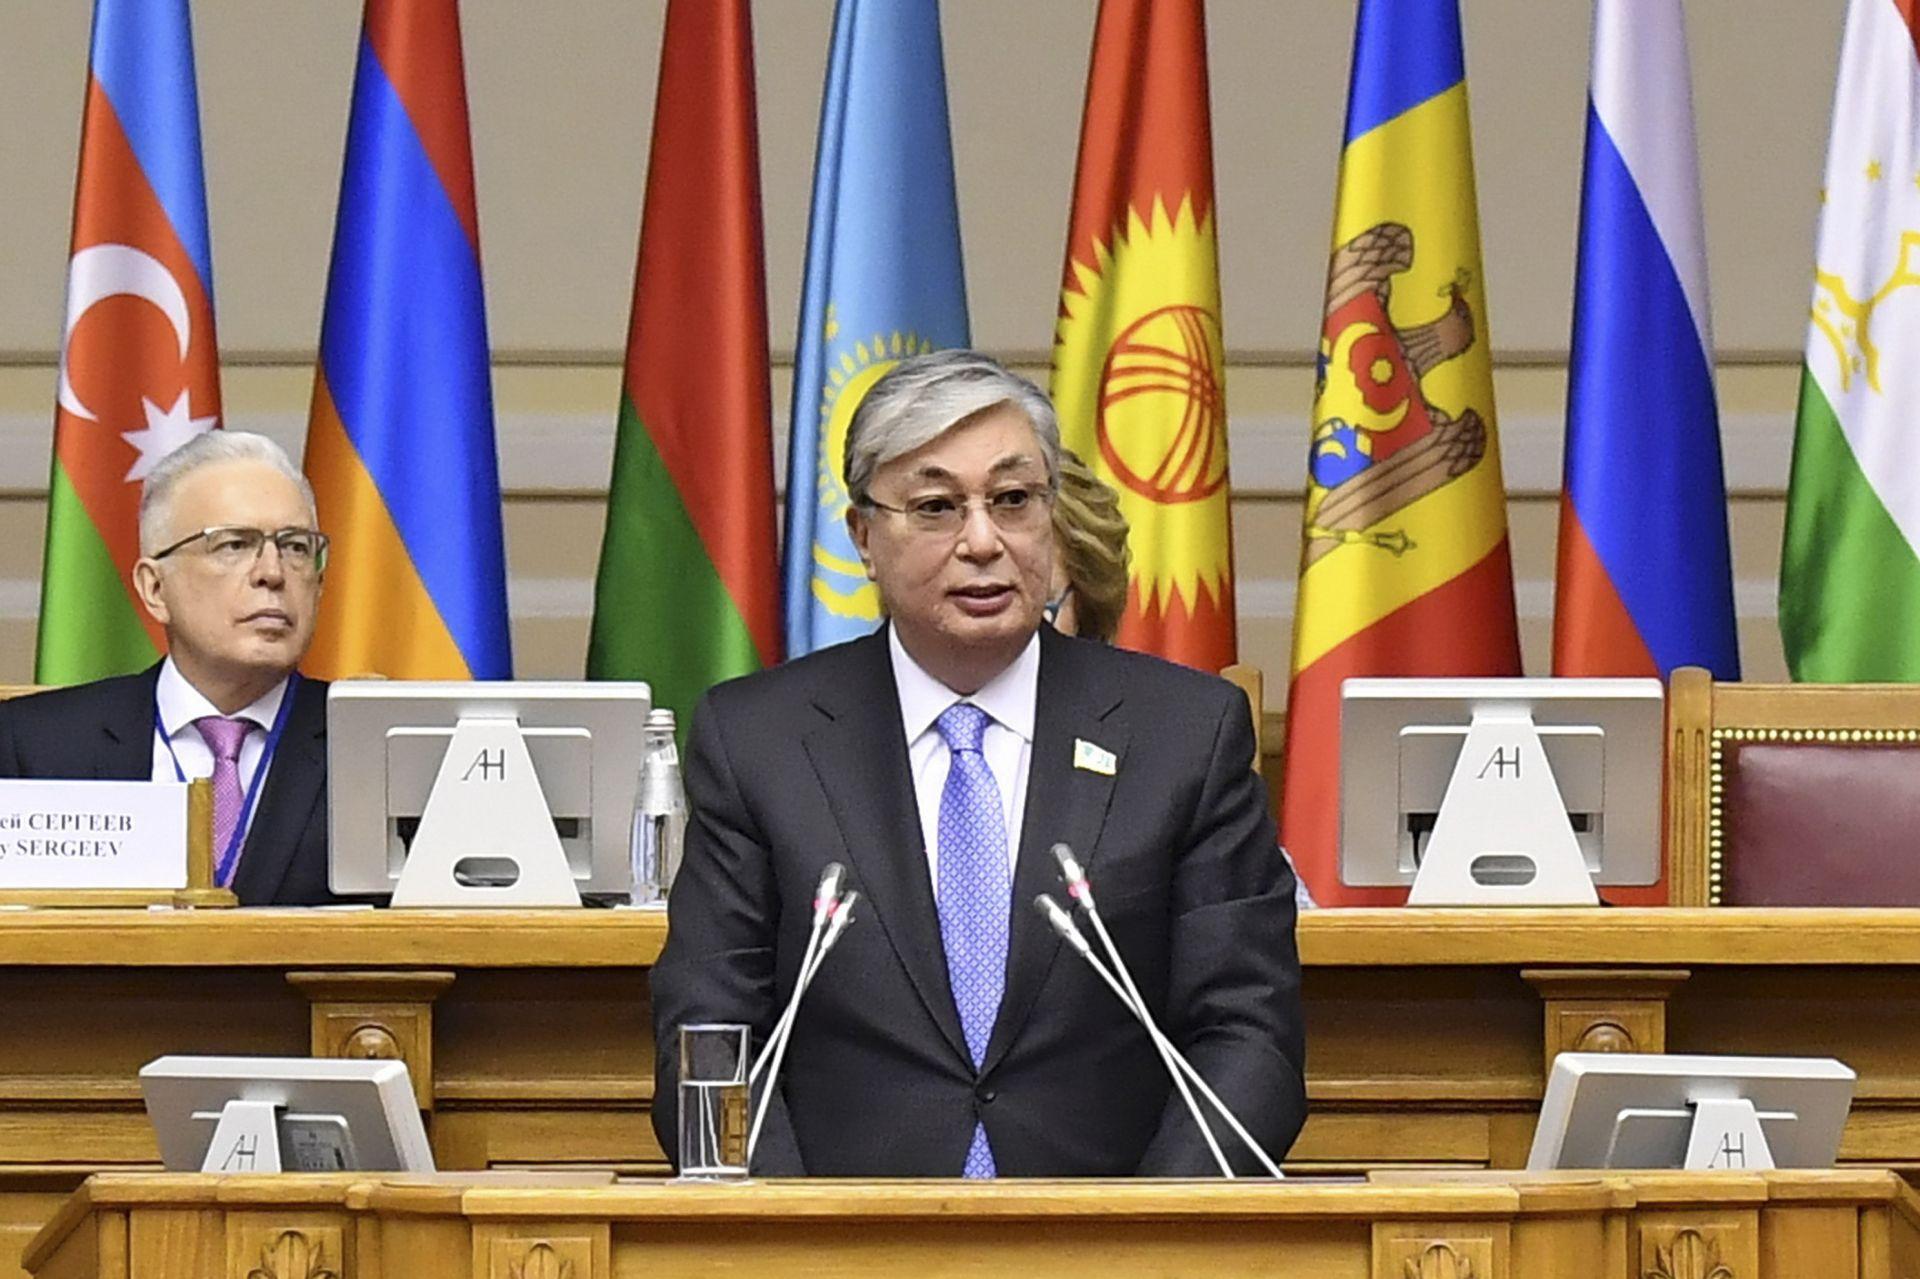 Касим-Жомарт Токаев като председател на парламента на Казахстан (архивна снимка от 27 март 2017 г.))